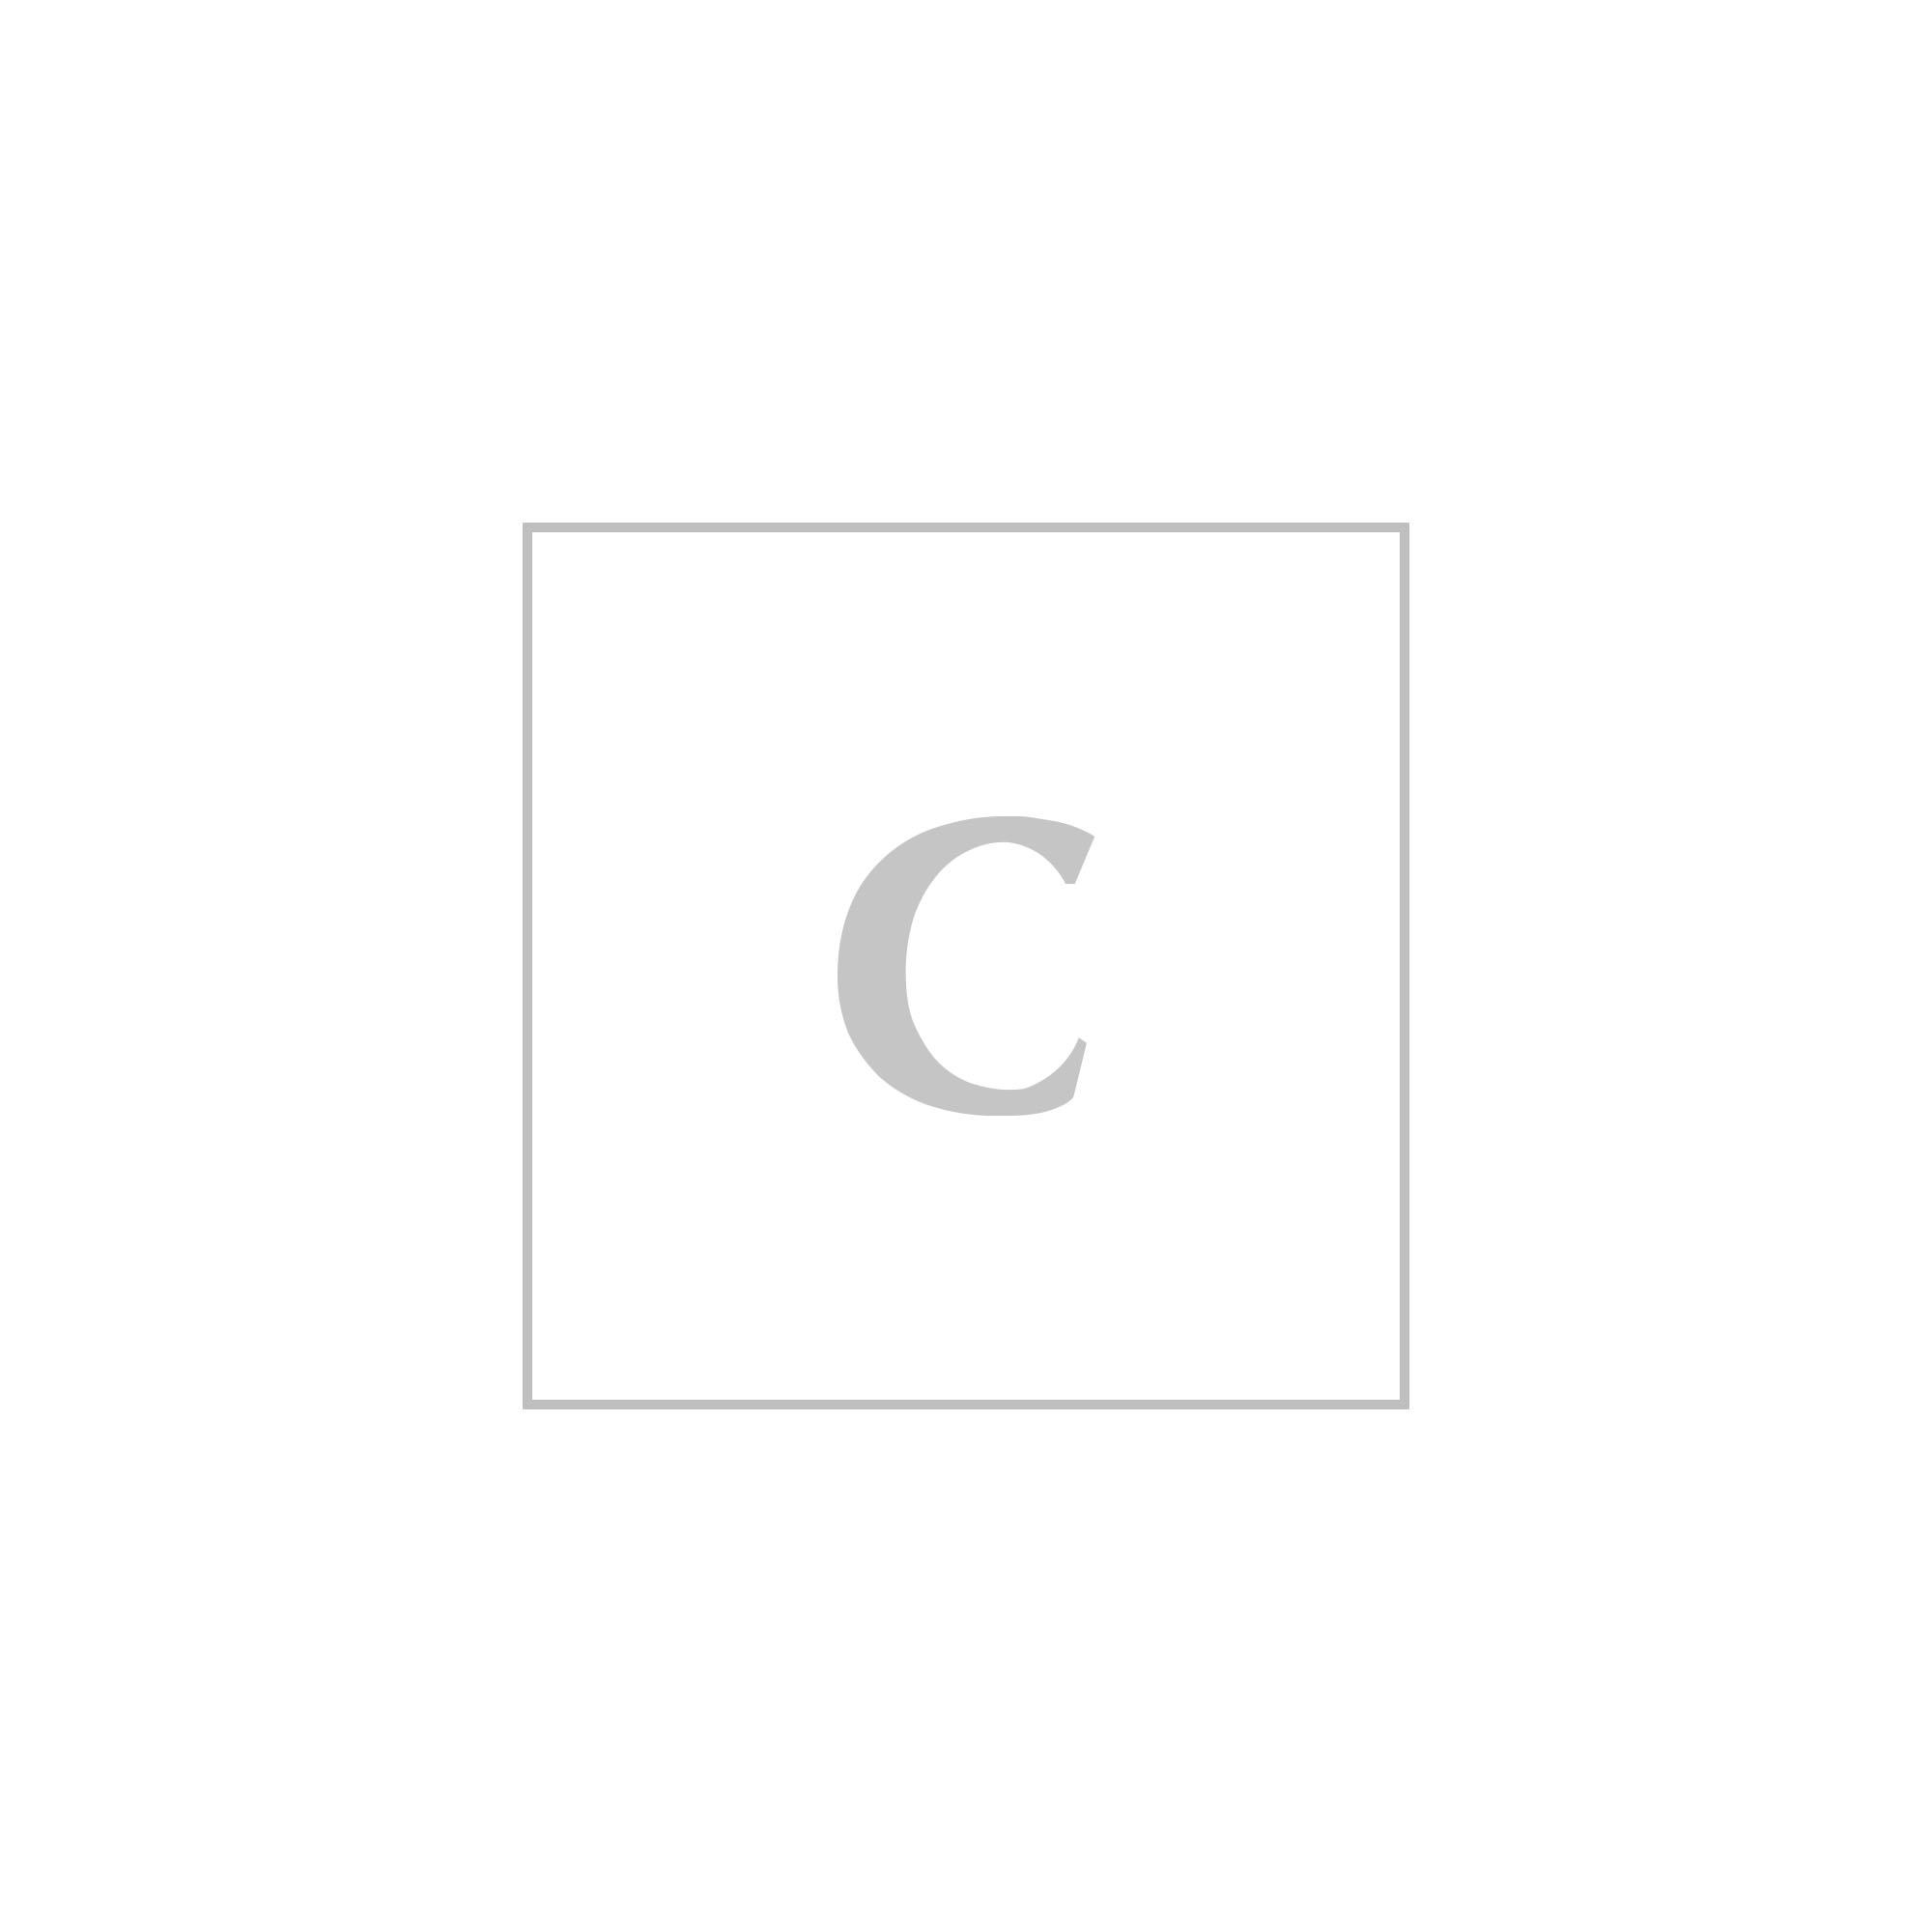 Carhartt cappello logo ... a369cdcc57a8